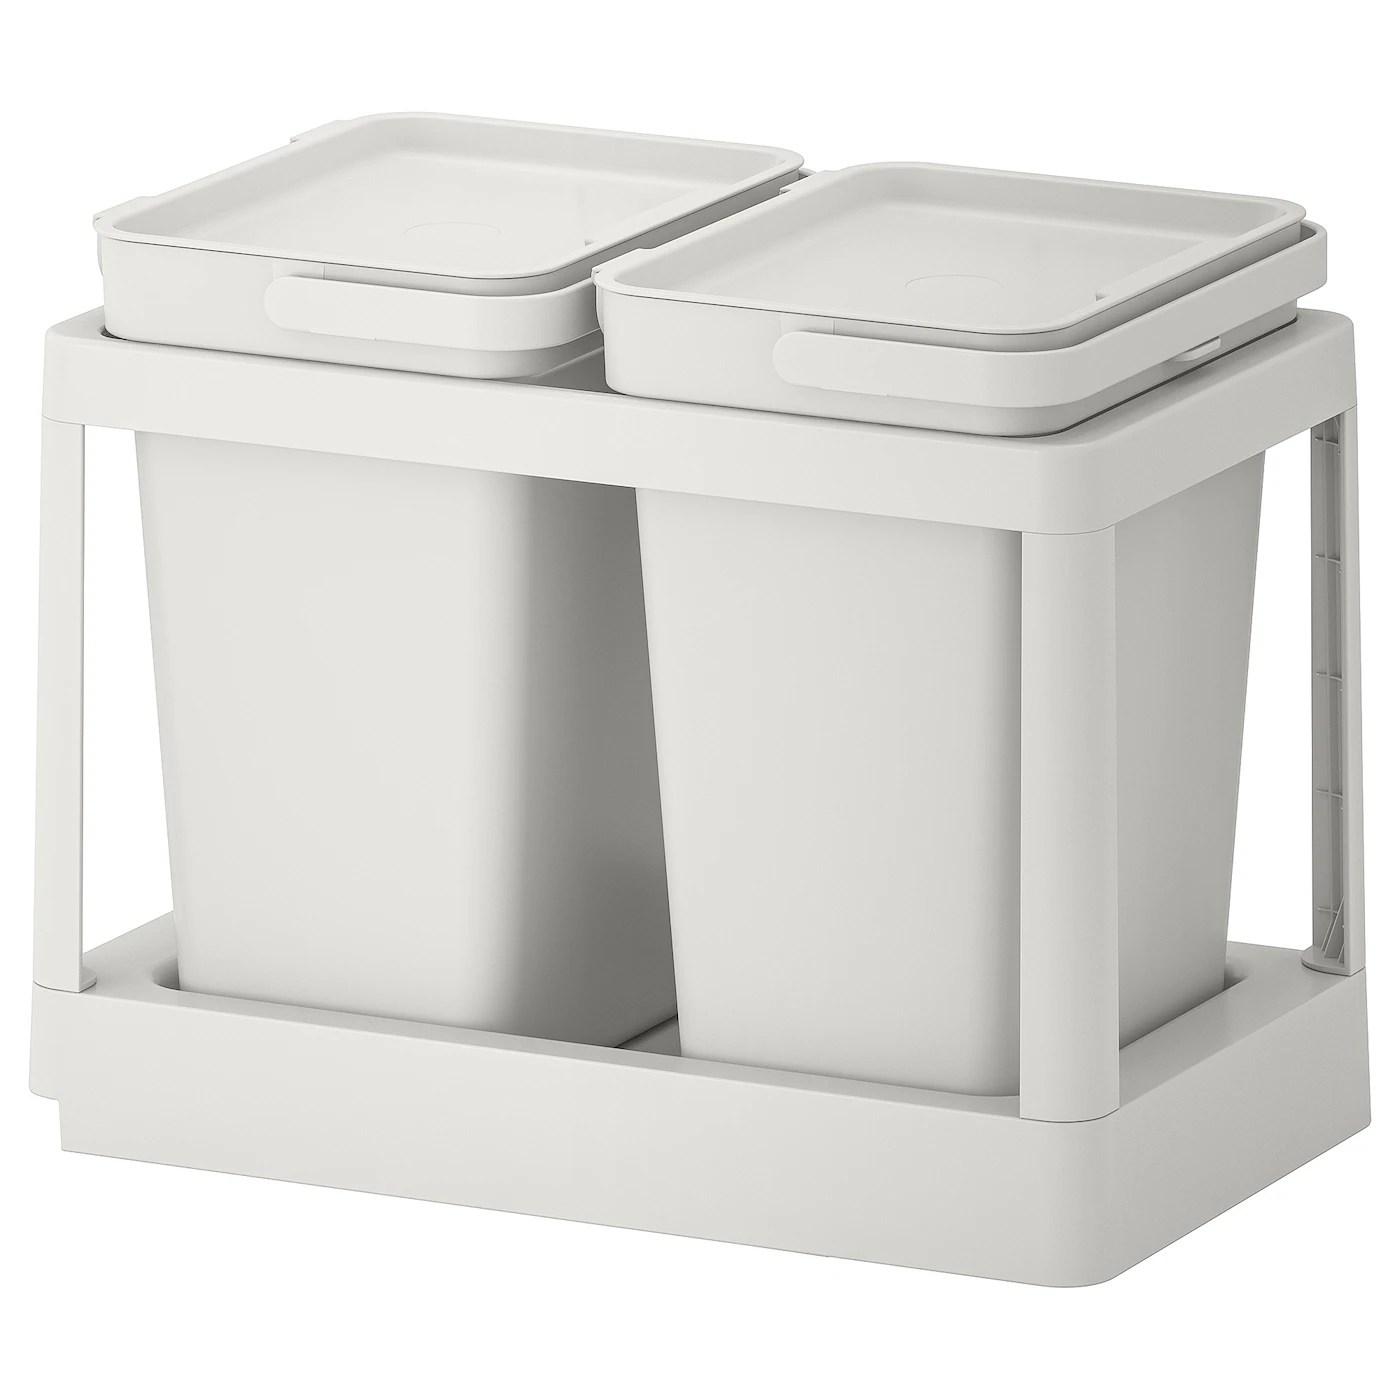 Tutto per l'arredamento della casa: Accessori Interni Per Mobili Da Cucina It Ikea It